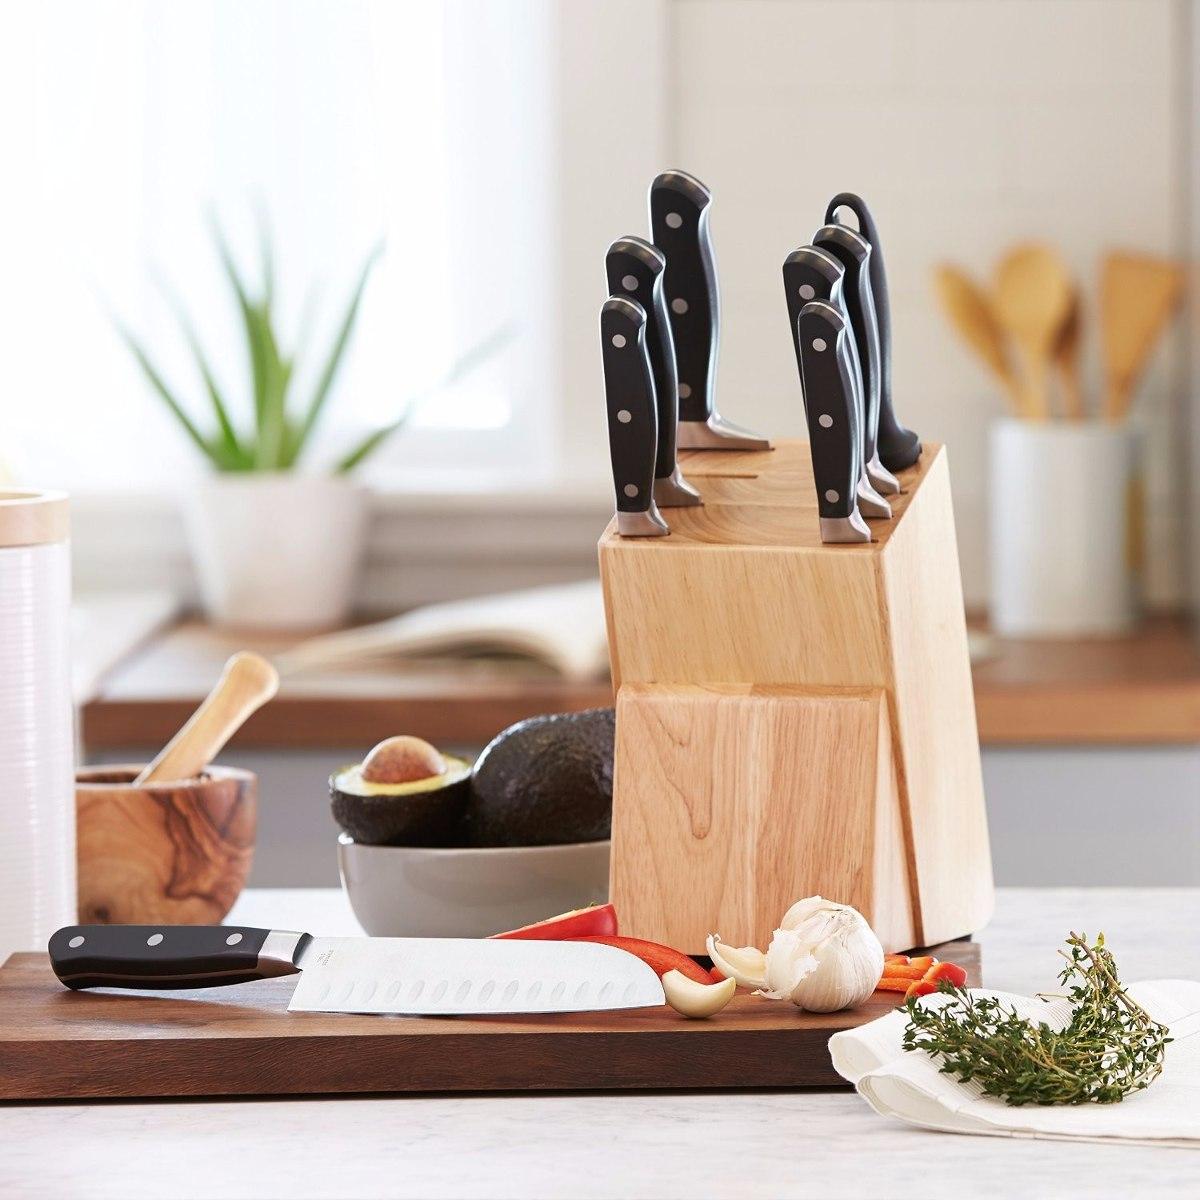 Cuchillos de cocina amazon basics premiun bloque 9 pzas for Cuchillos de cocina